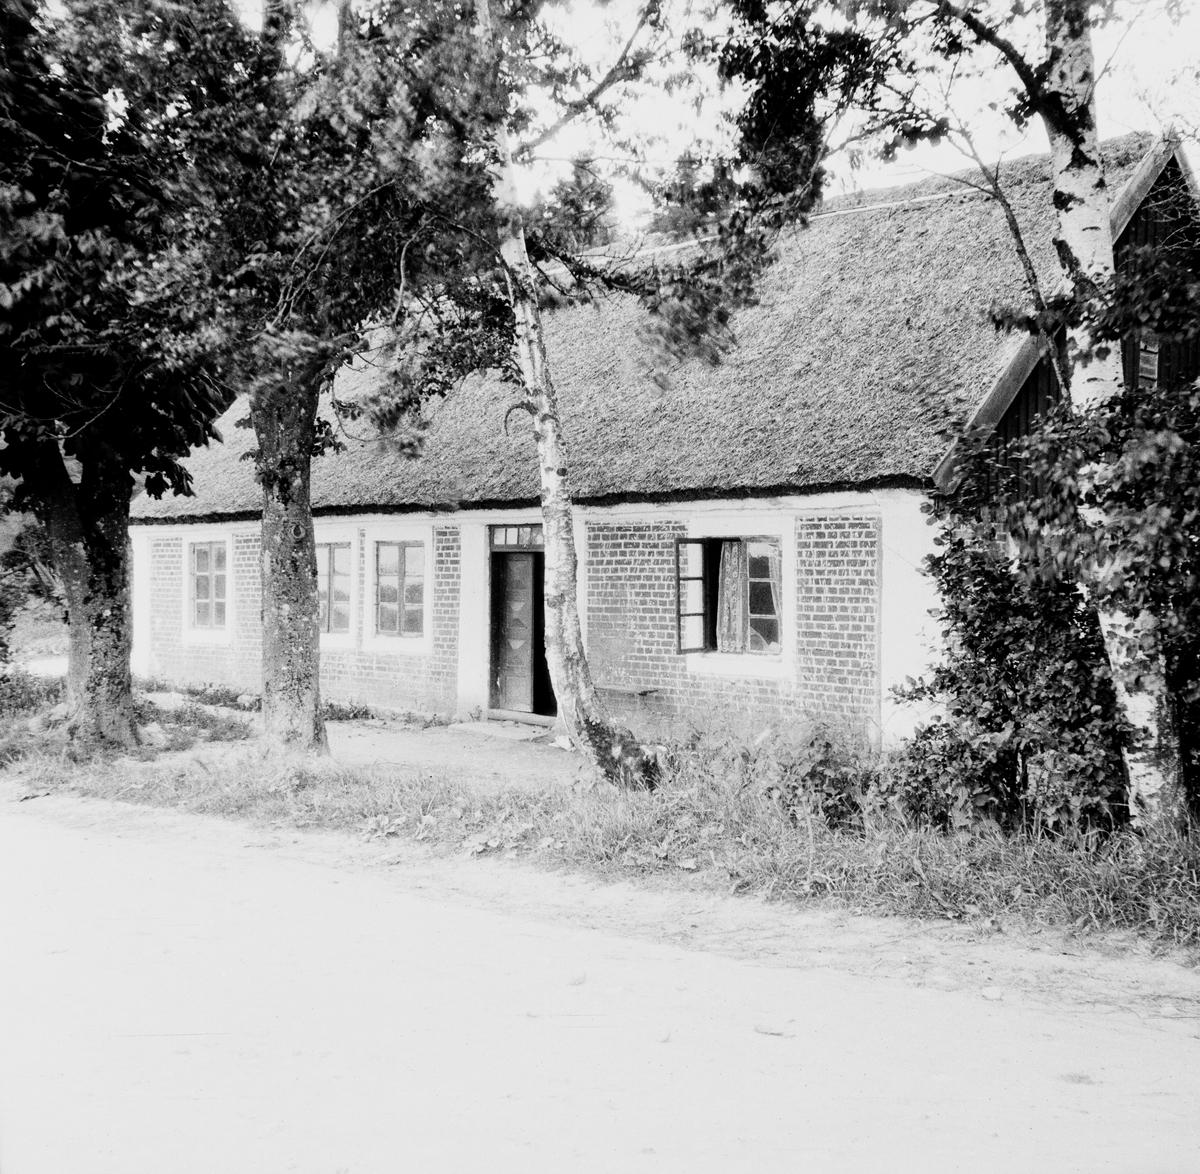 Mellan Ängelholm och Torekov, Skåne Exteriör  Svensk arkitektur: kyrkor, herrgårdar med mera fotograferade av Arkitekturminnesföreningen 1908-23.